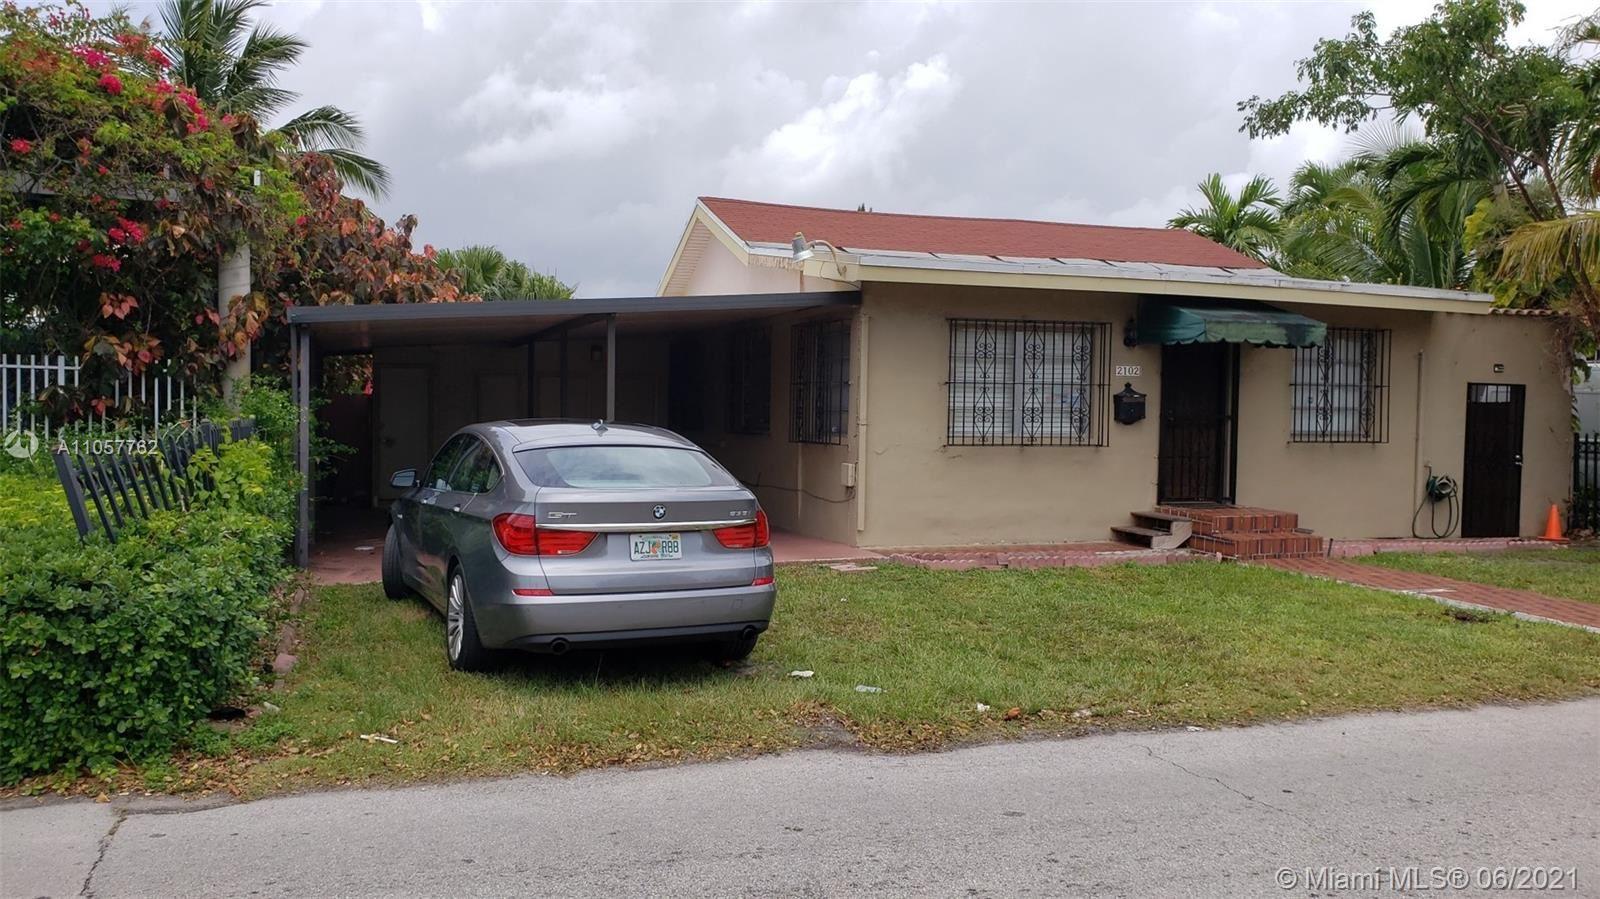 2102 SW 14th Ave, Miami, FL 33145 - #: A11057762